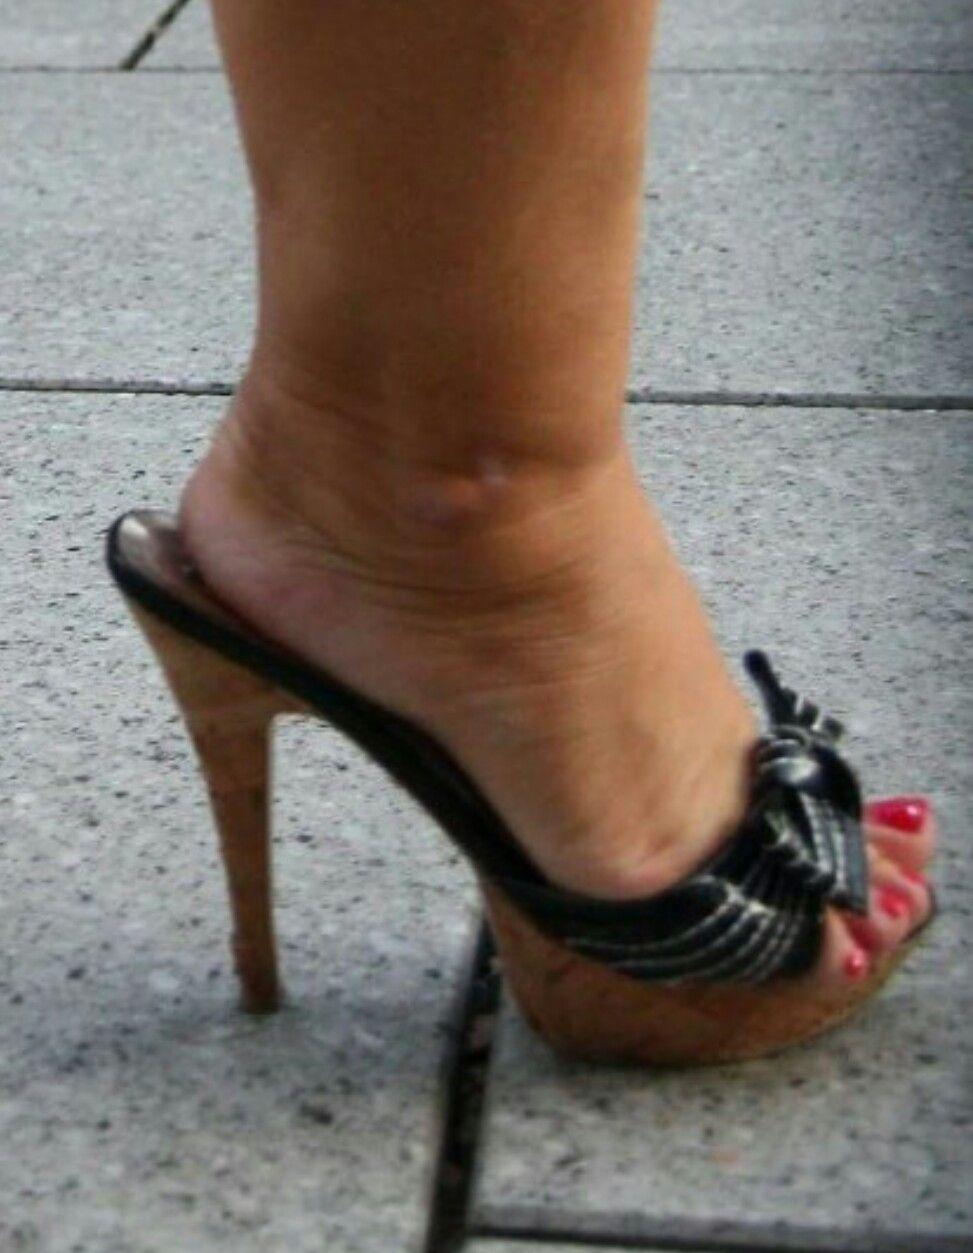 Zapatos negros de tacones altos punta dedo del pie tobillera cuero KMMSi6Bkx